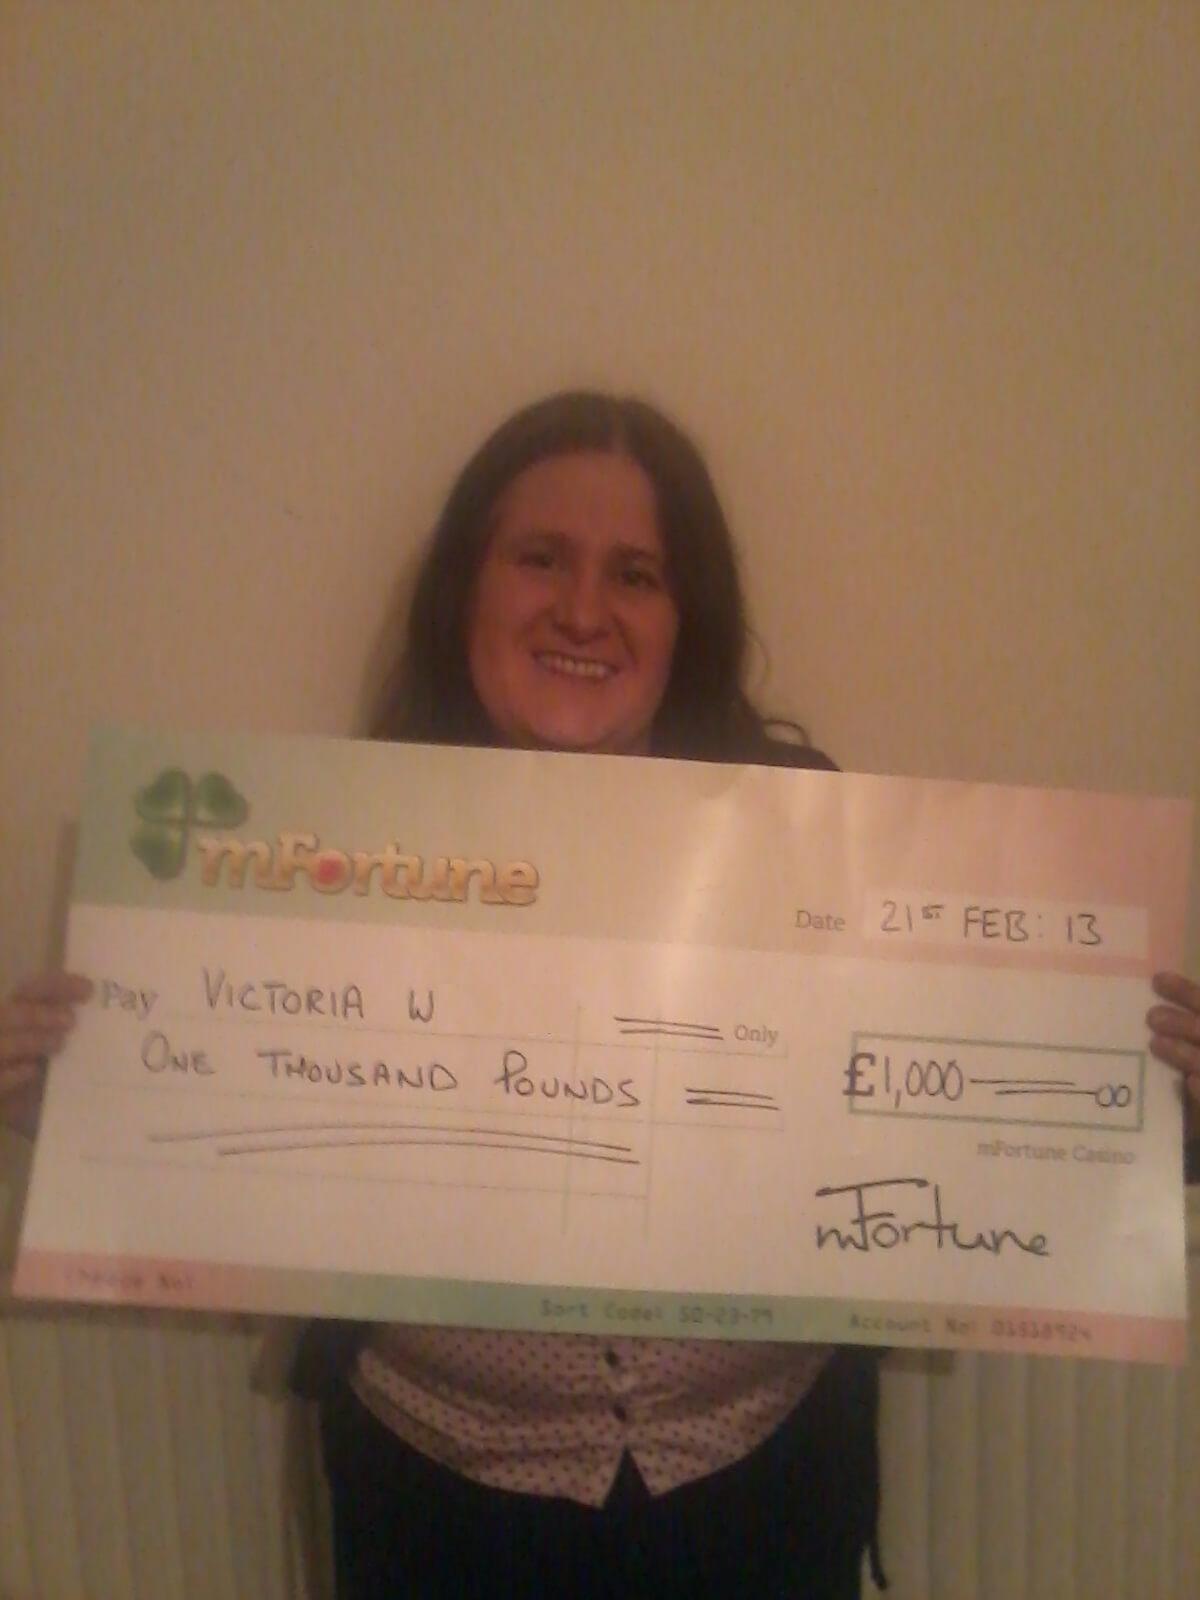 Victoria W won £ 1,000